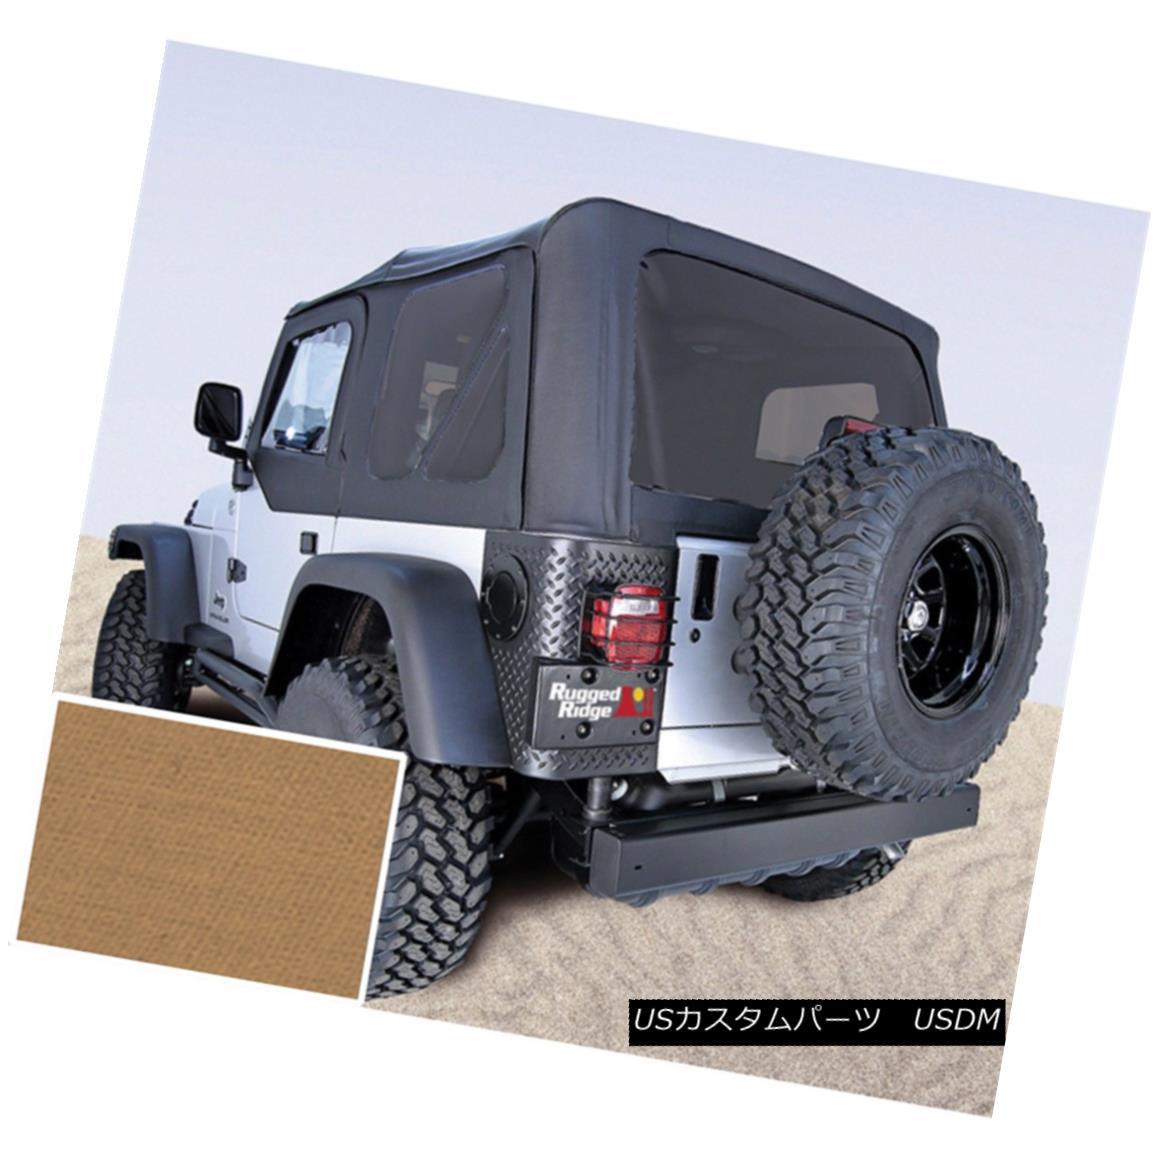 幌・ソフトトップ Soft Top, Spice, Tinted Windows; 97-02 Jeep Wrangler TJ ソフトトップ、スパイス、ティンテッドウィンドウ。 97-02ジープ・ラングラーTJ